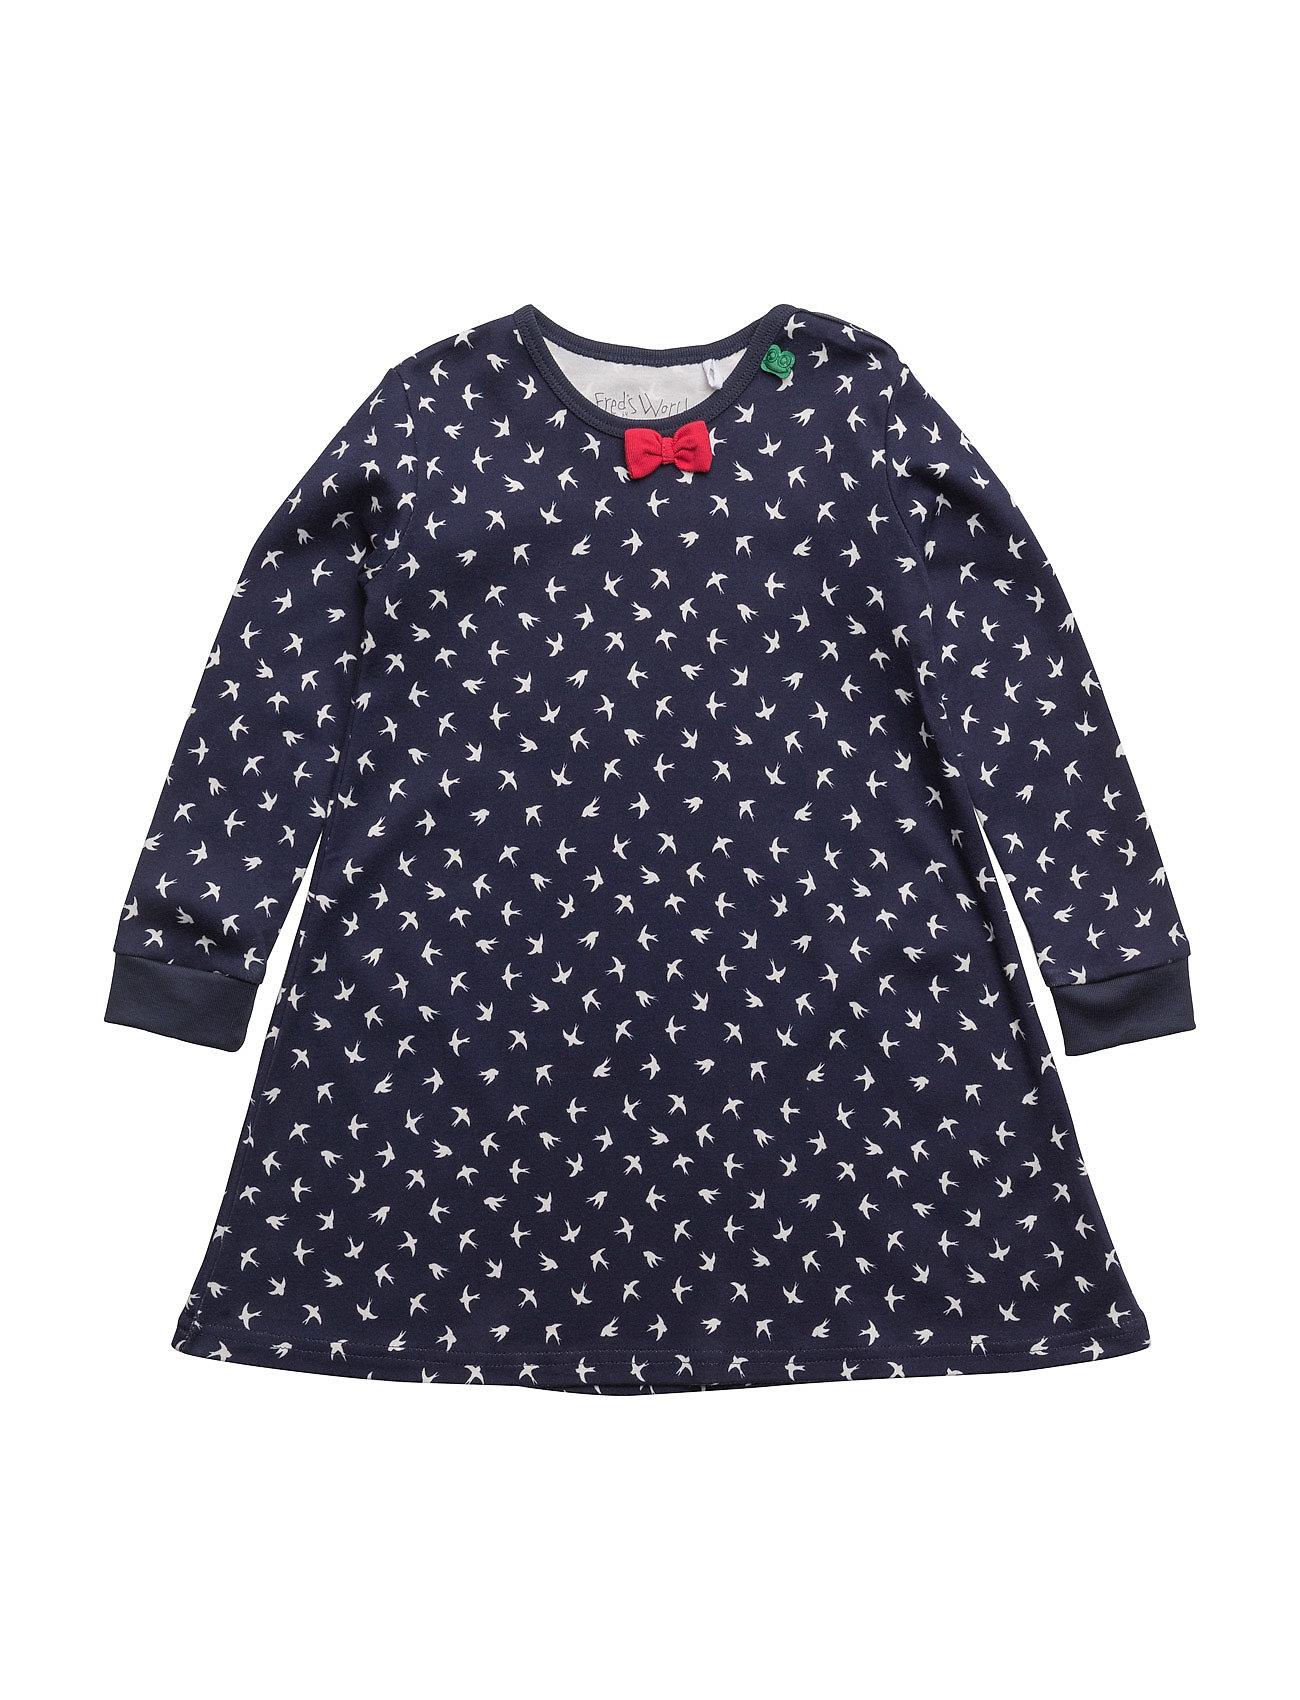 Swallow Dress Baby Freds World Kjoler til Børn i Navy blå